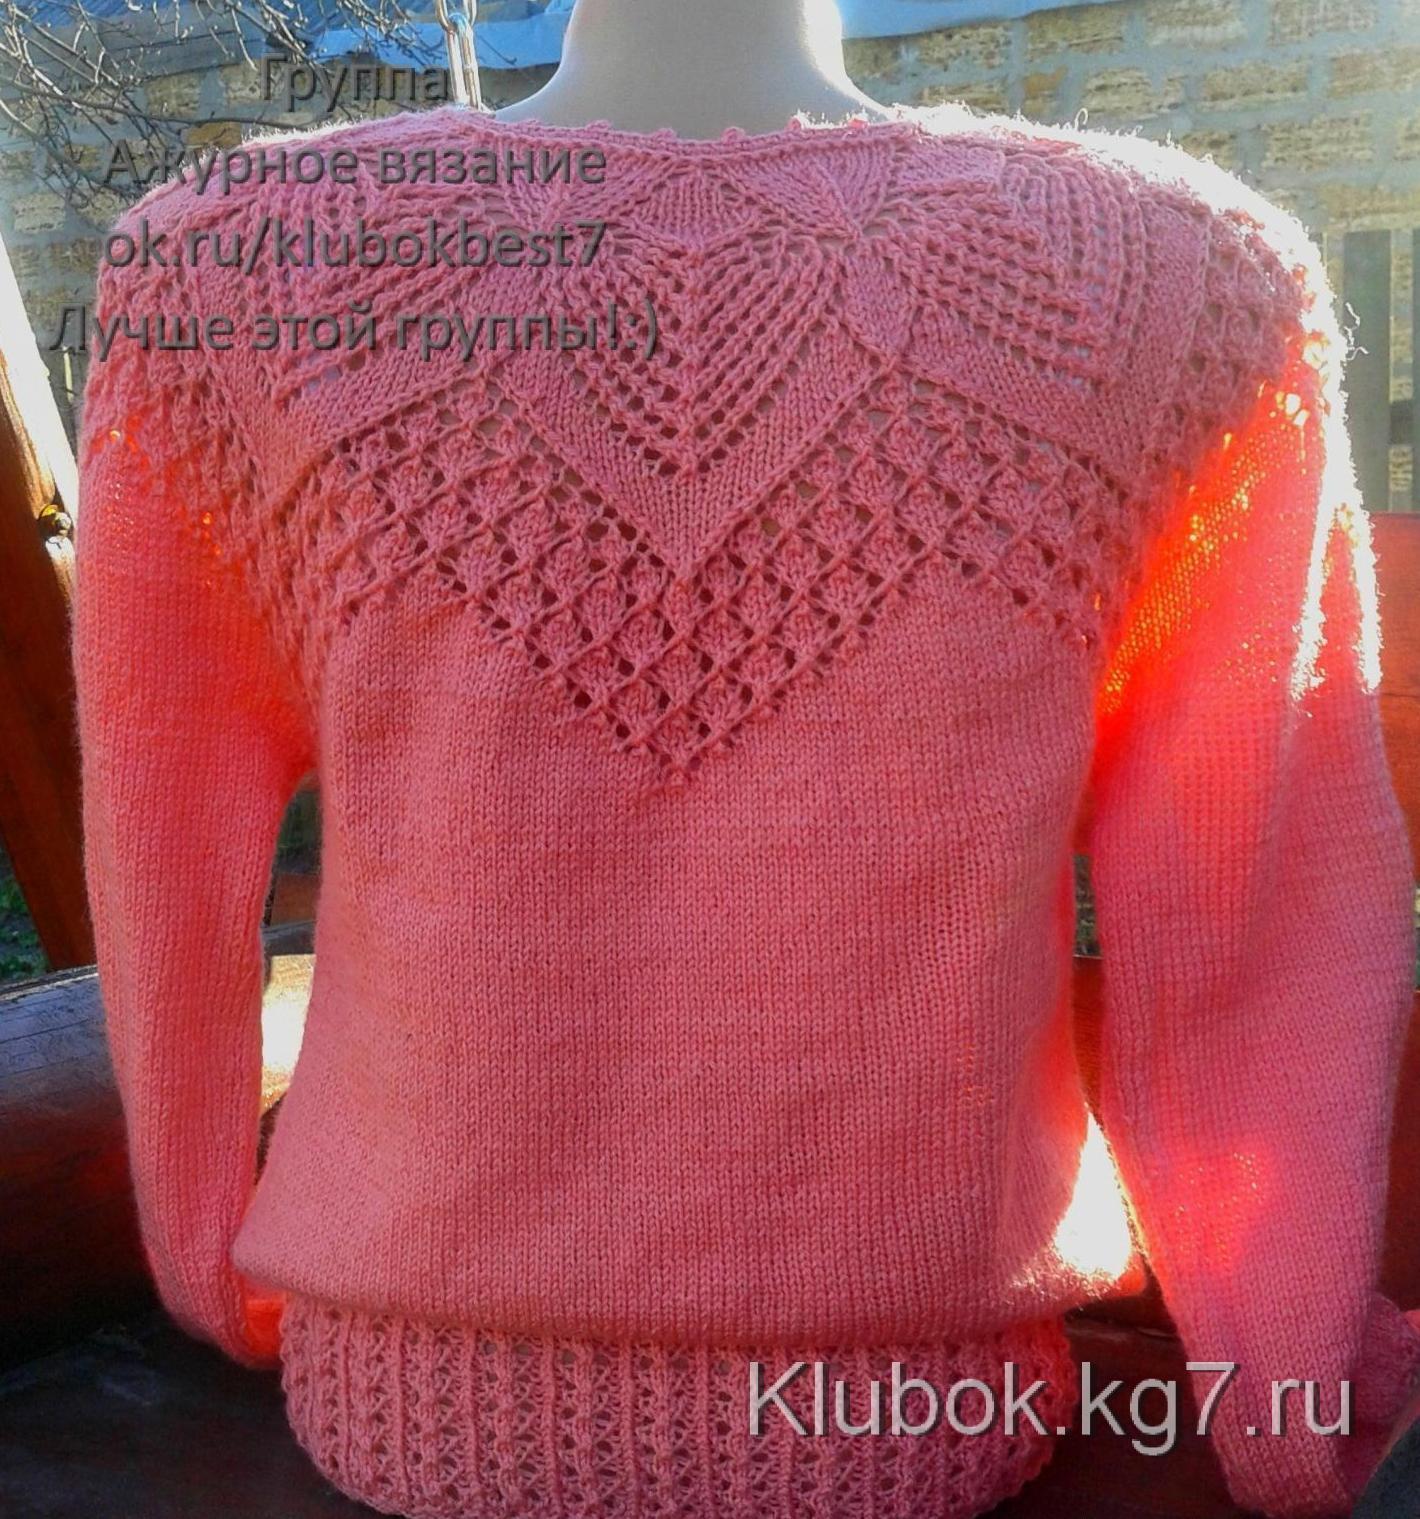 очень красивая мохеровая блуза клубок кардиганыпуловерытопы